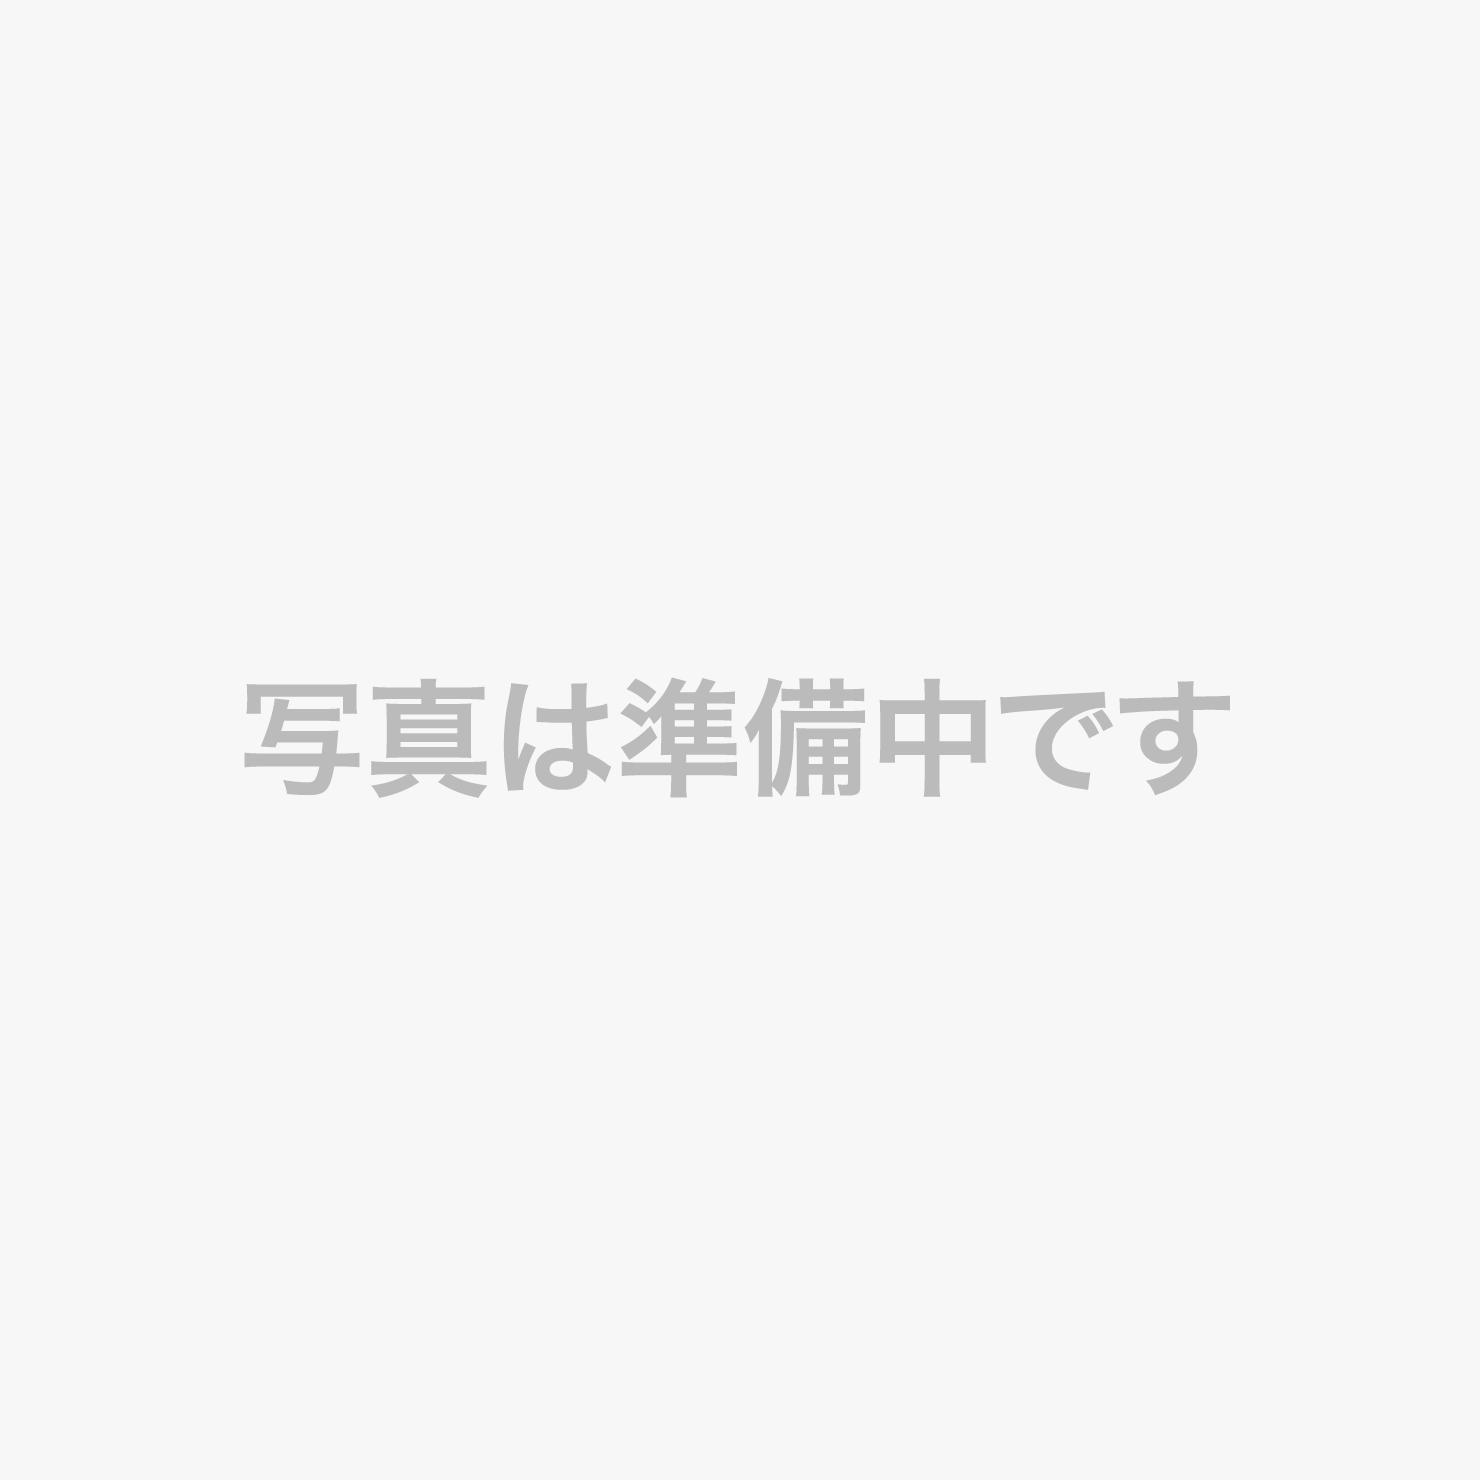 長野県らしい朝ごはんってどんなメニューか想像できますか??山の幸、元気の源をお届けします